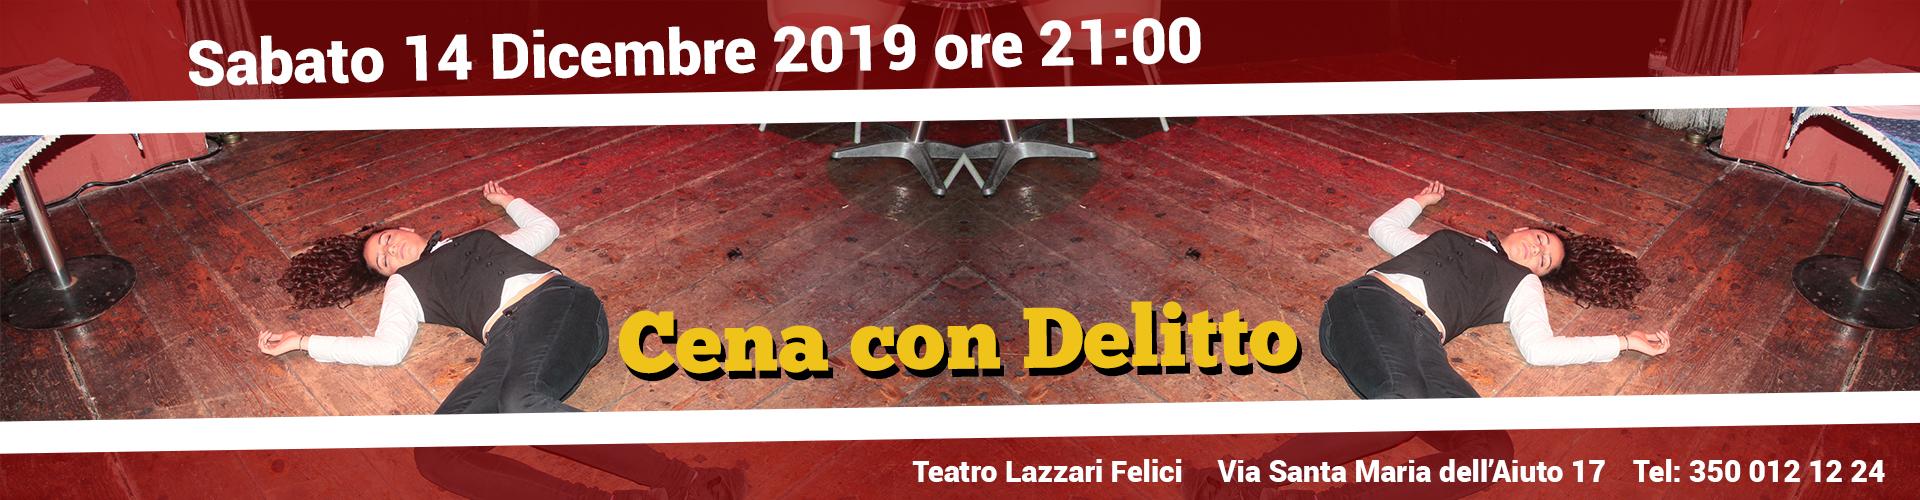 Cena con delitto a Napoli